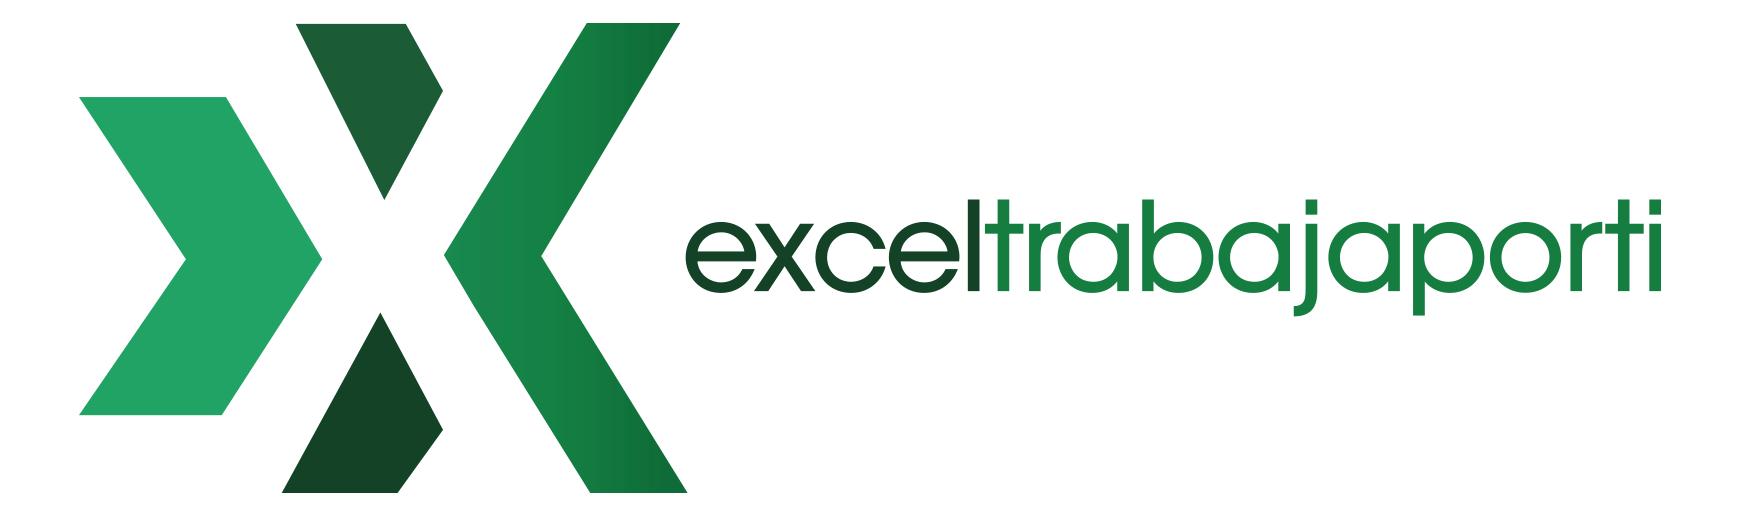 Excel trabaja por tí